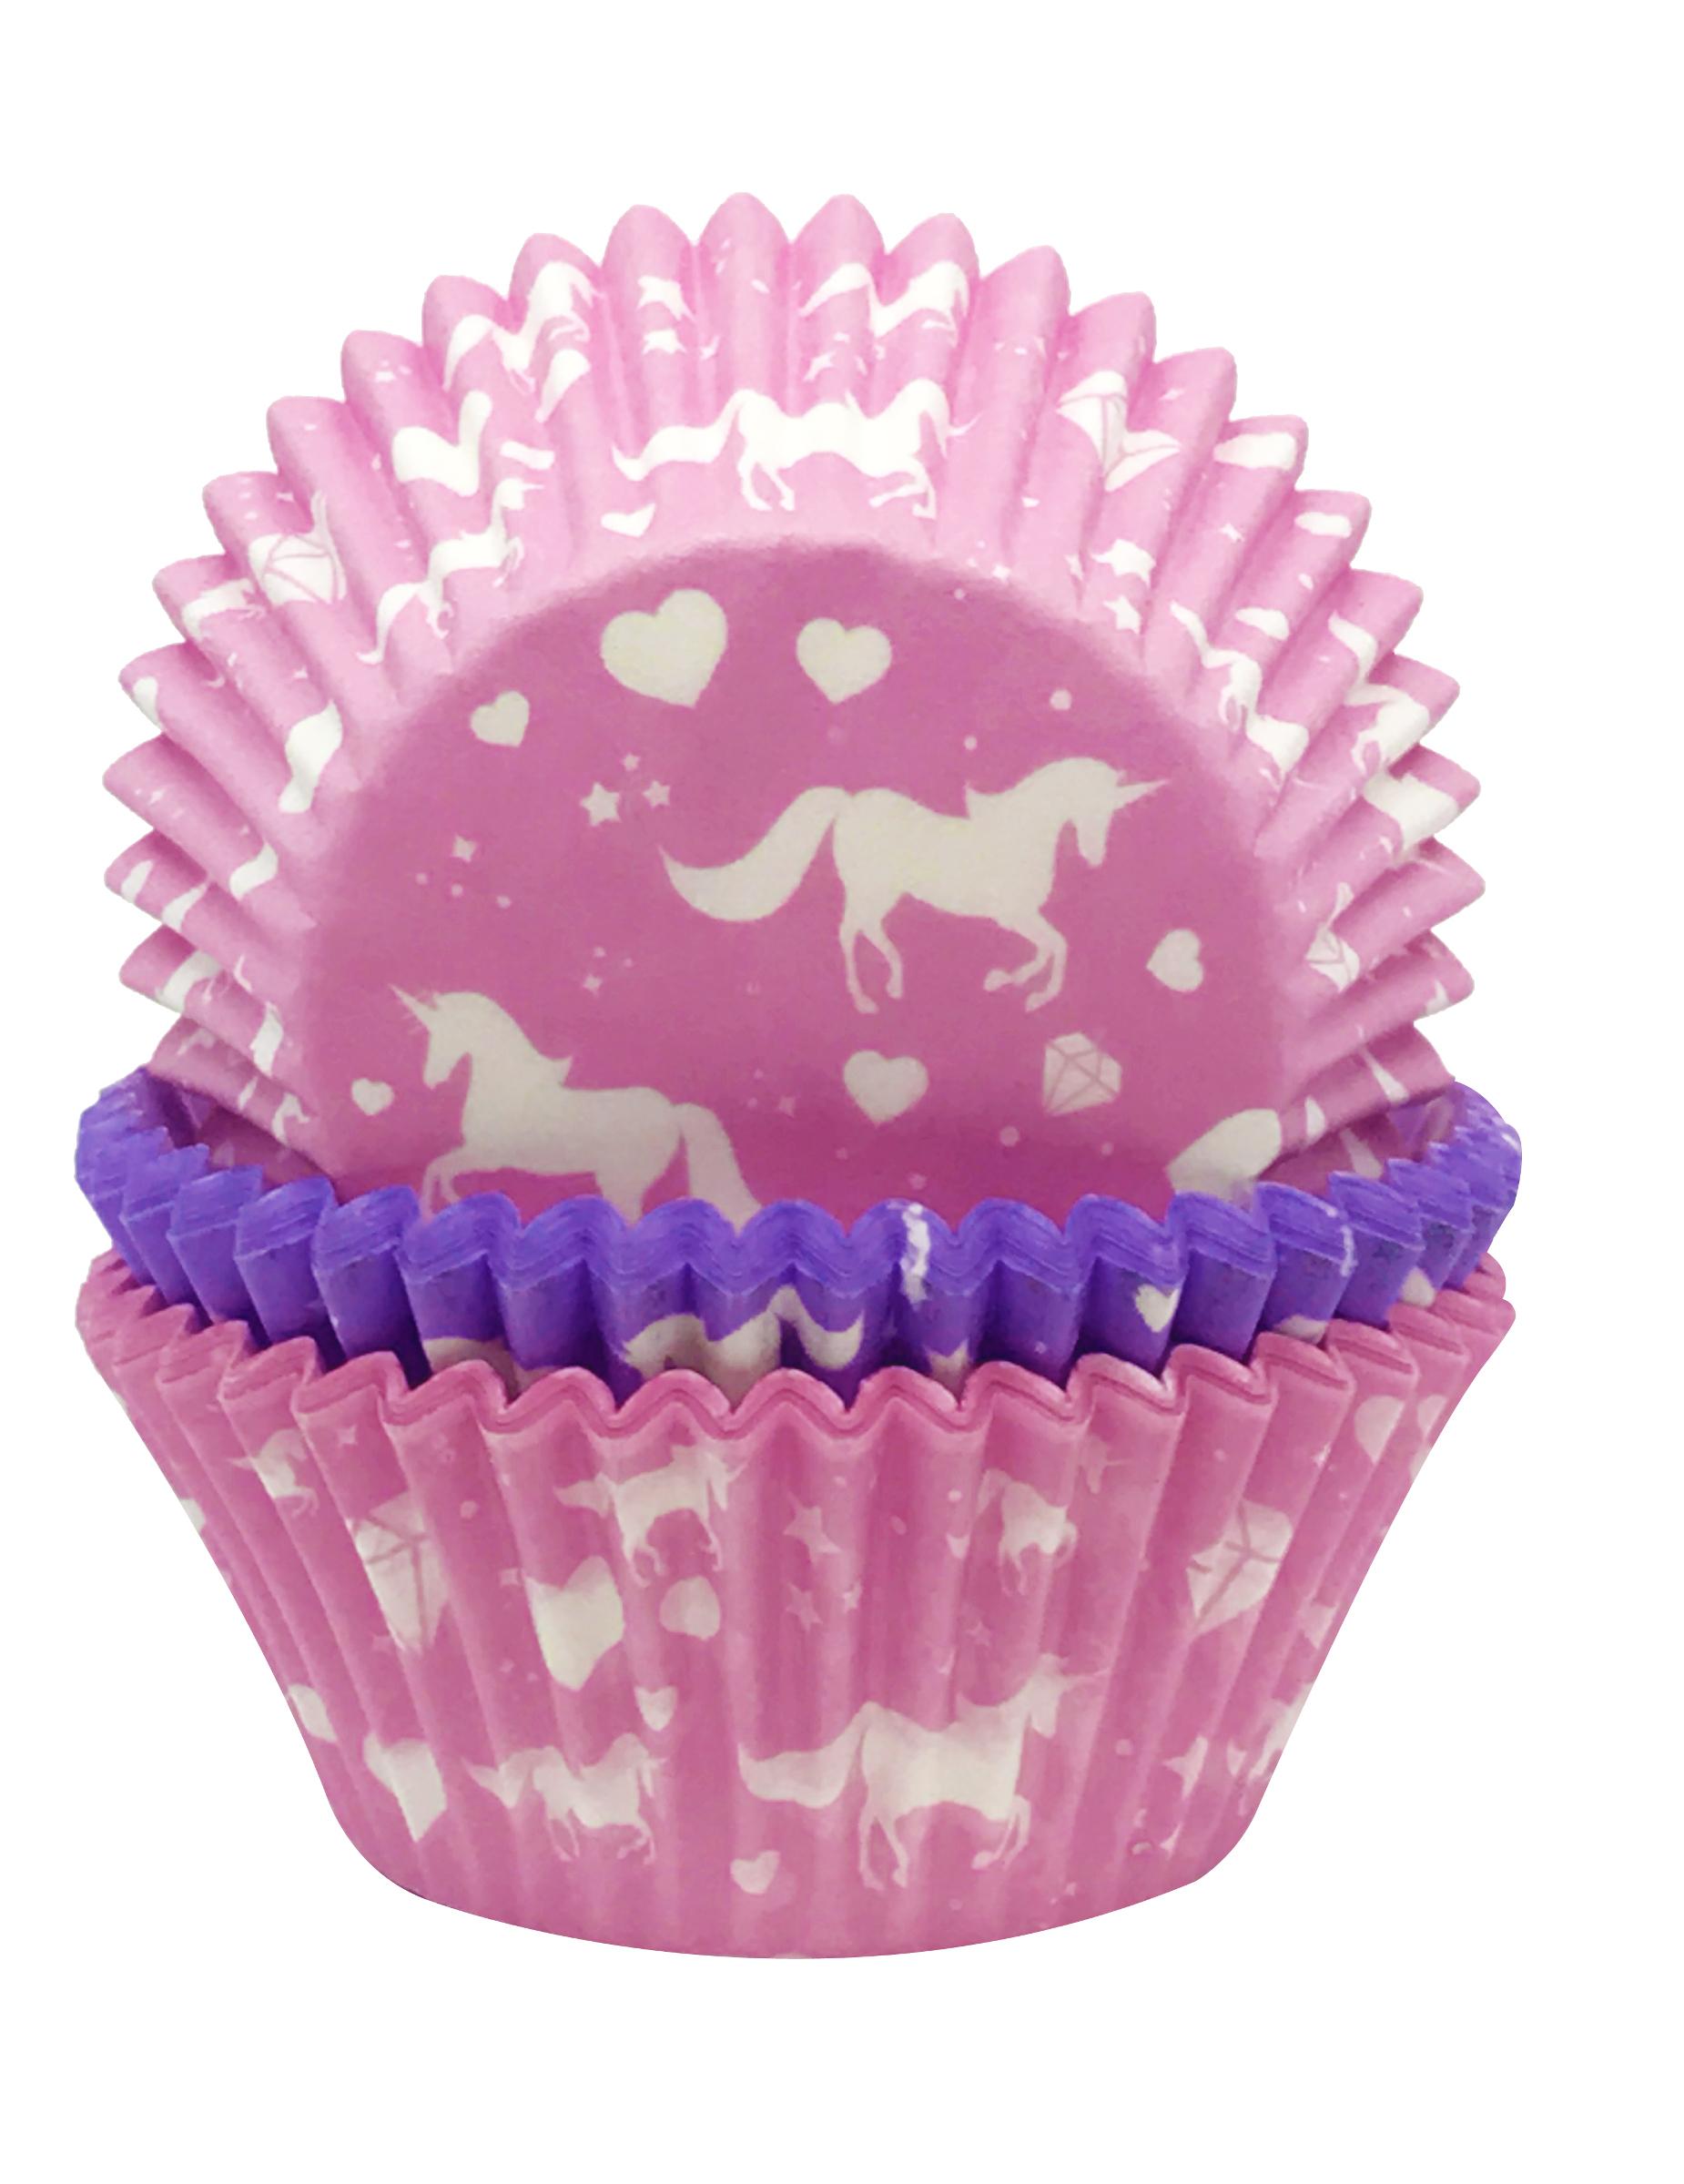 75 moules cupcake en papier licorne d coration anniversaire et f tes th me sur vegaoo party. Black Bedroom Furniture Sets. Home Design Ideas